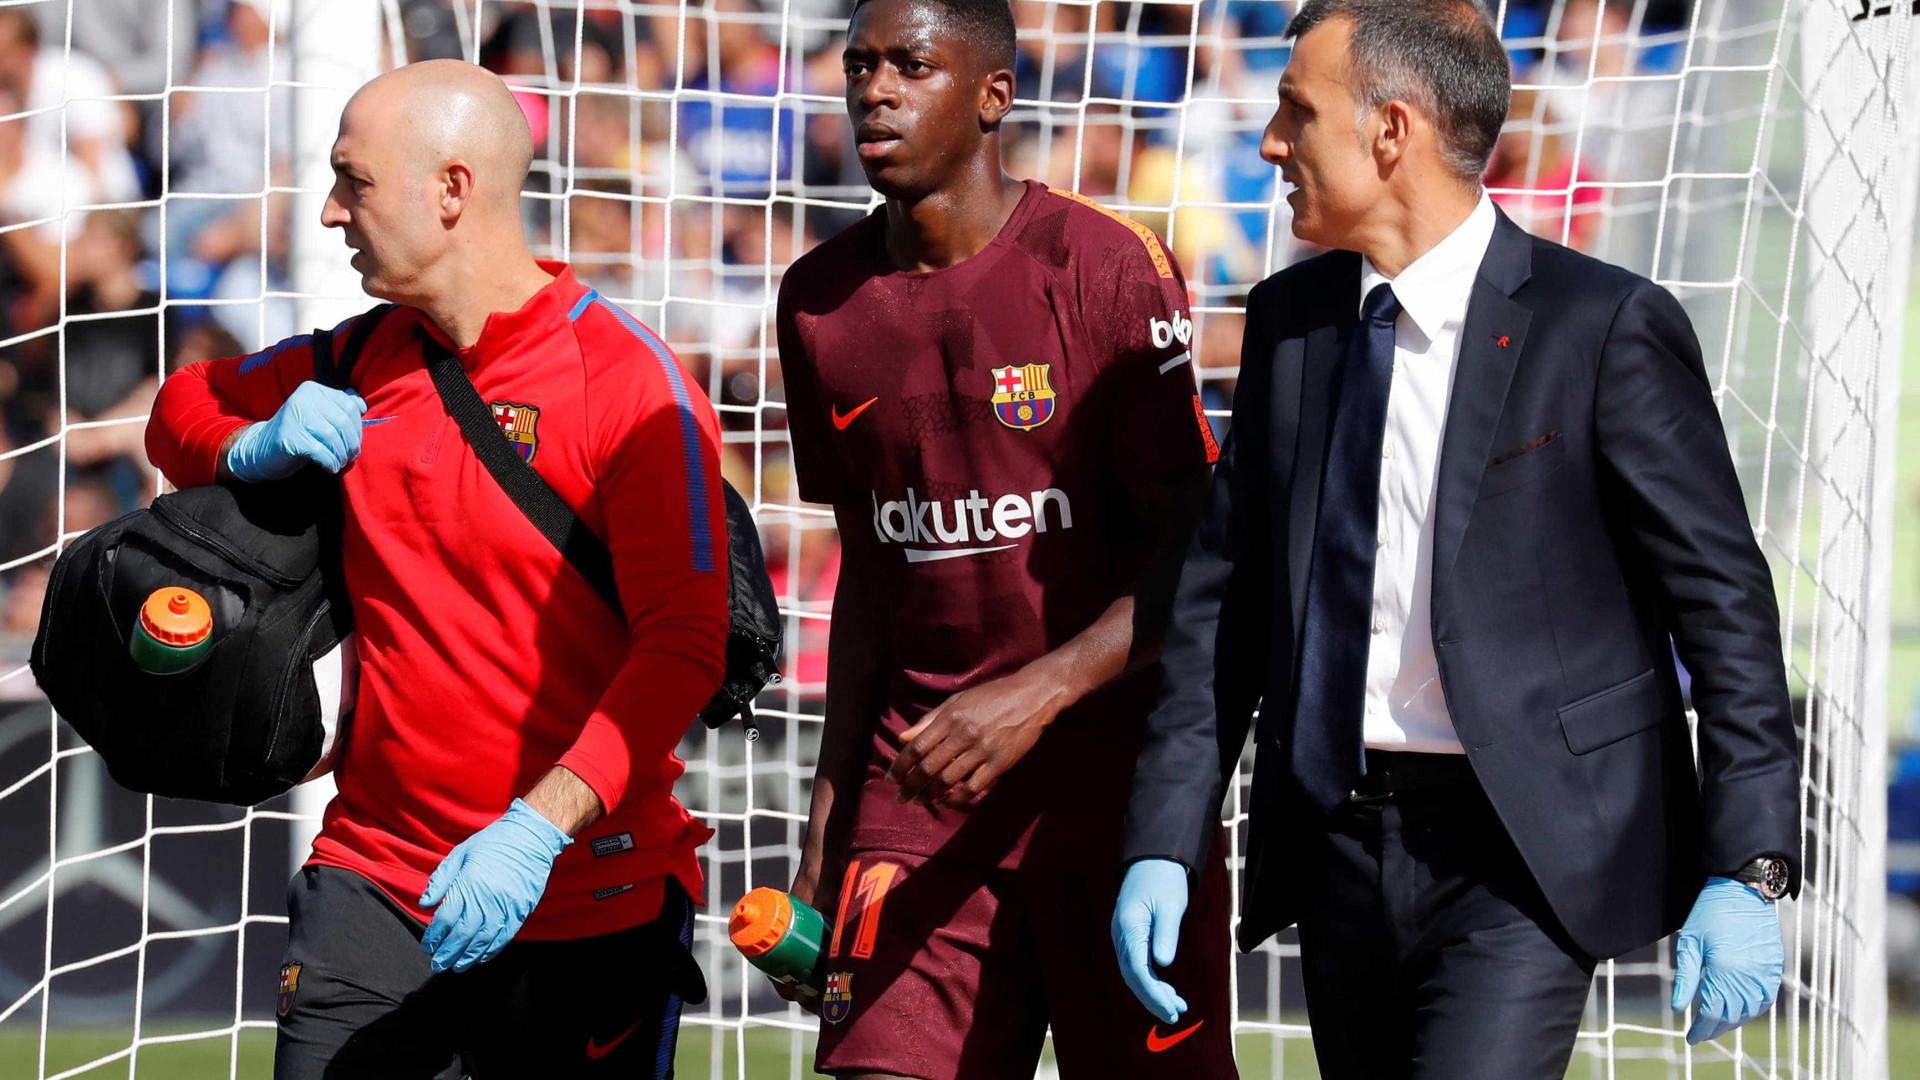 Substituto de Neymar no Barcelona ficará 4 meses parado por lesão